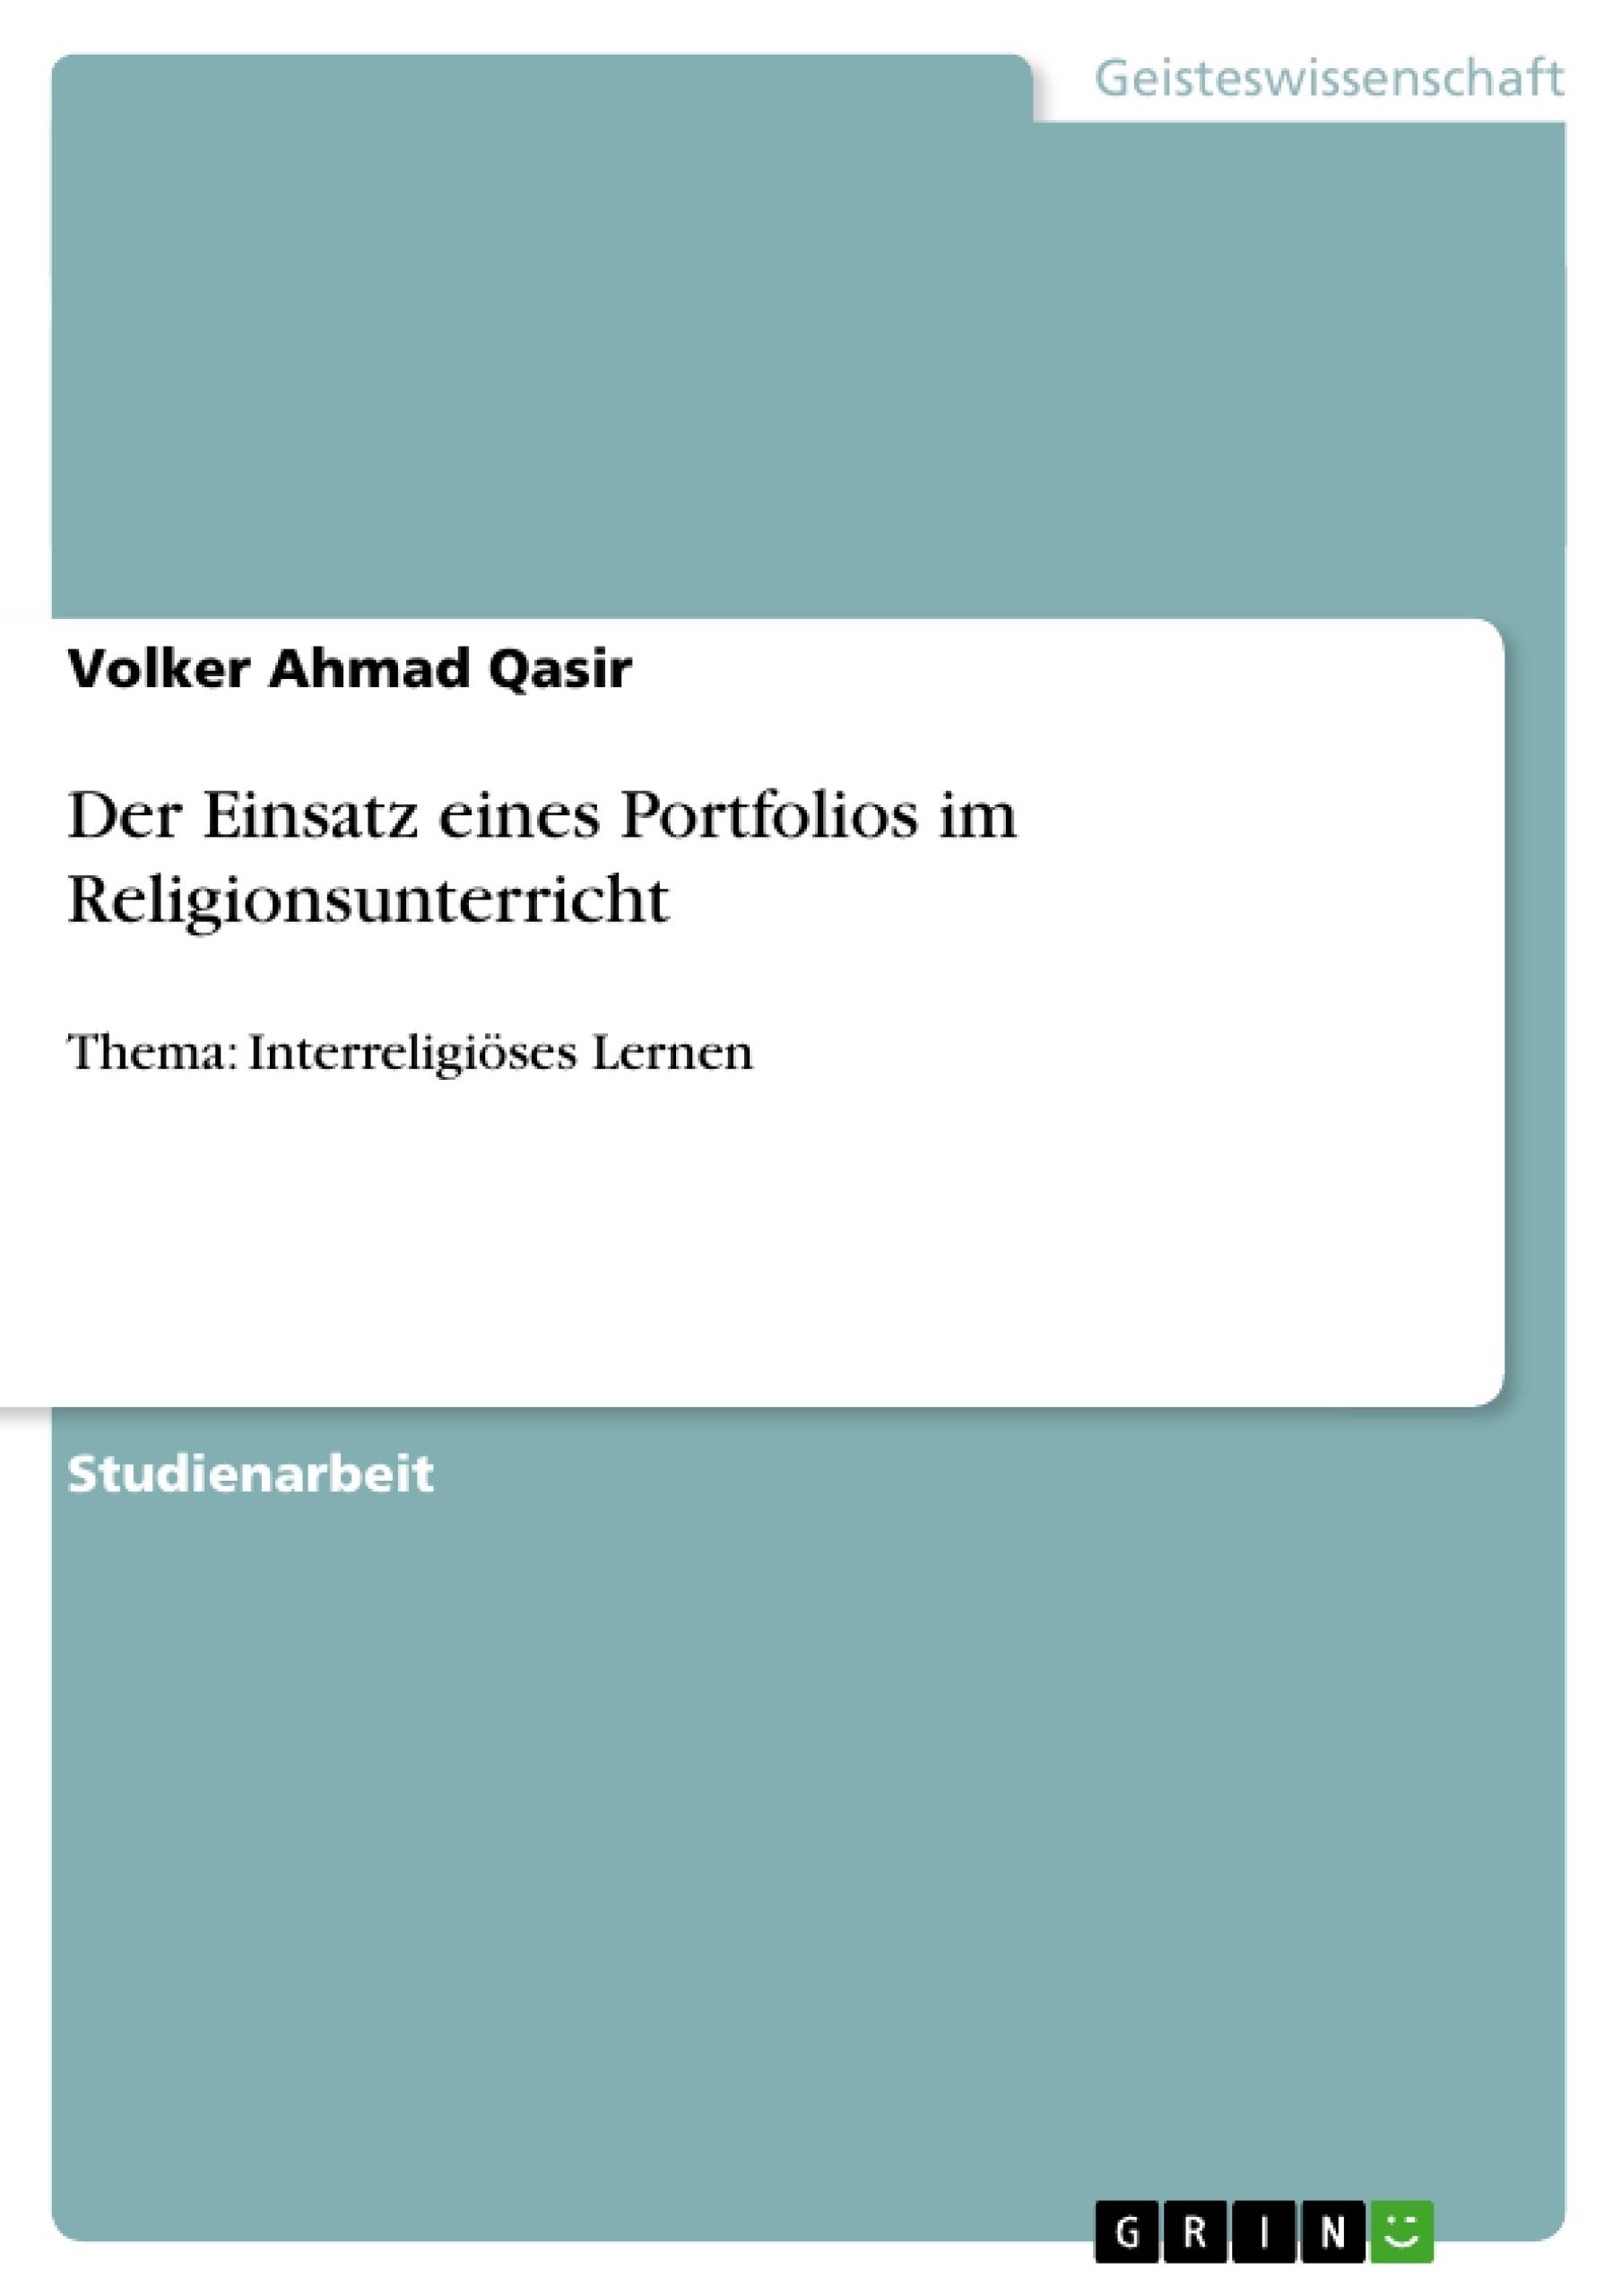 Titel: Der Einsatz eines Portfolios im Religionsunterricht